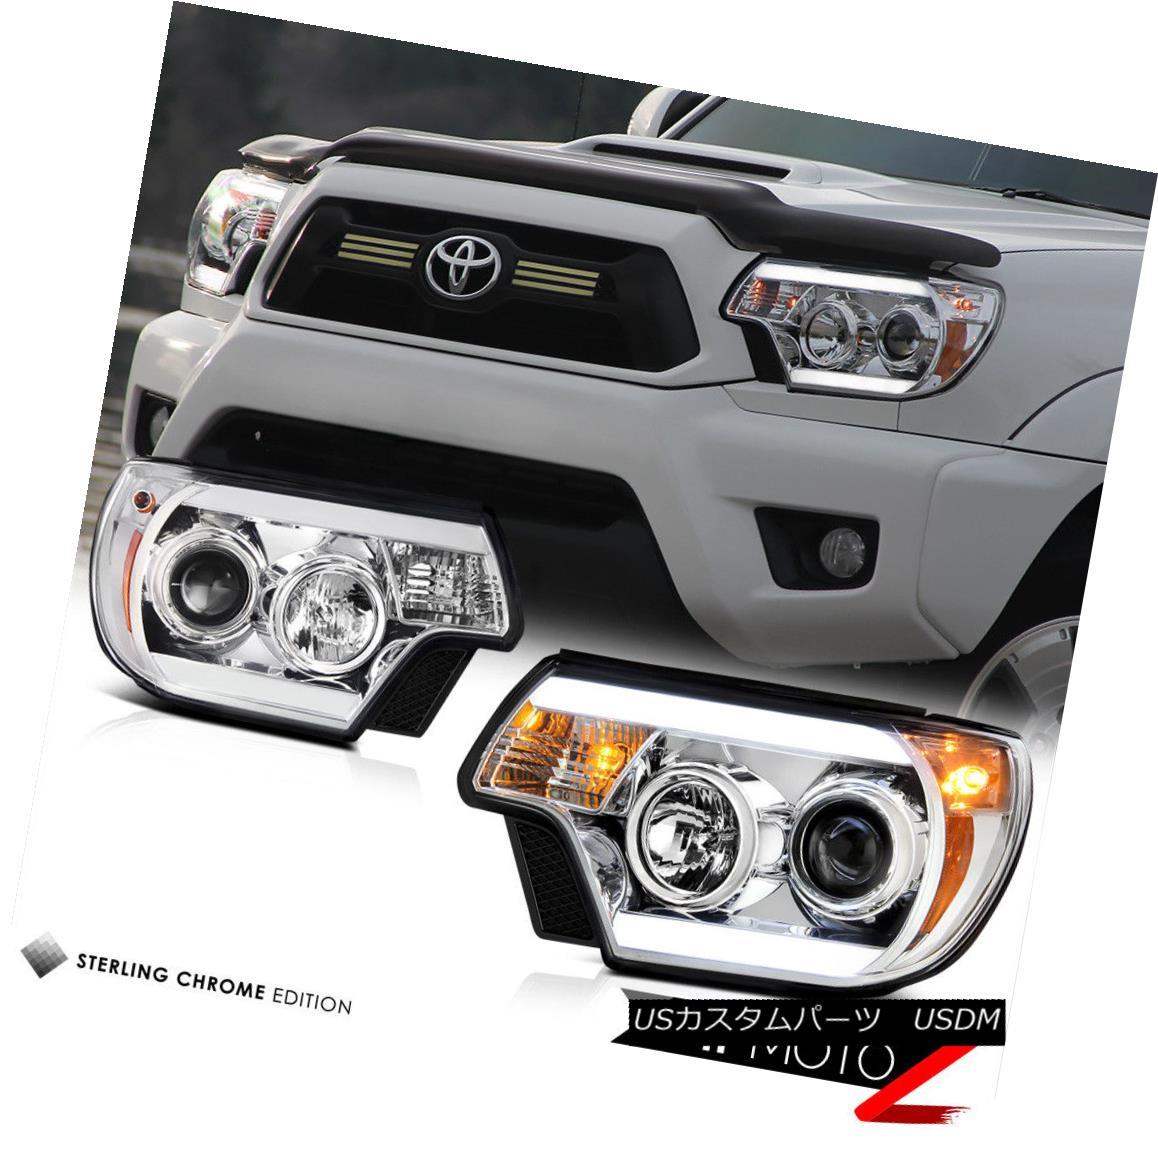 12-15トヨタタコマTRDプロヘッドライトスモーテールランプライトバートロンスタイル 12-15 Toyota Tacoma TRD Pro Headlights smokey tail lamps Light Bar Tron Style テールライト